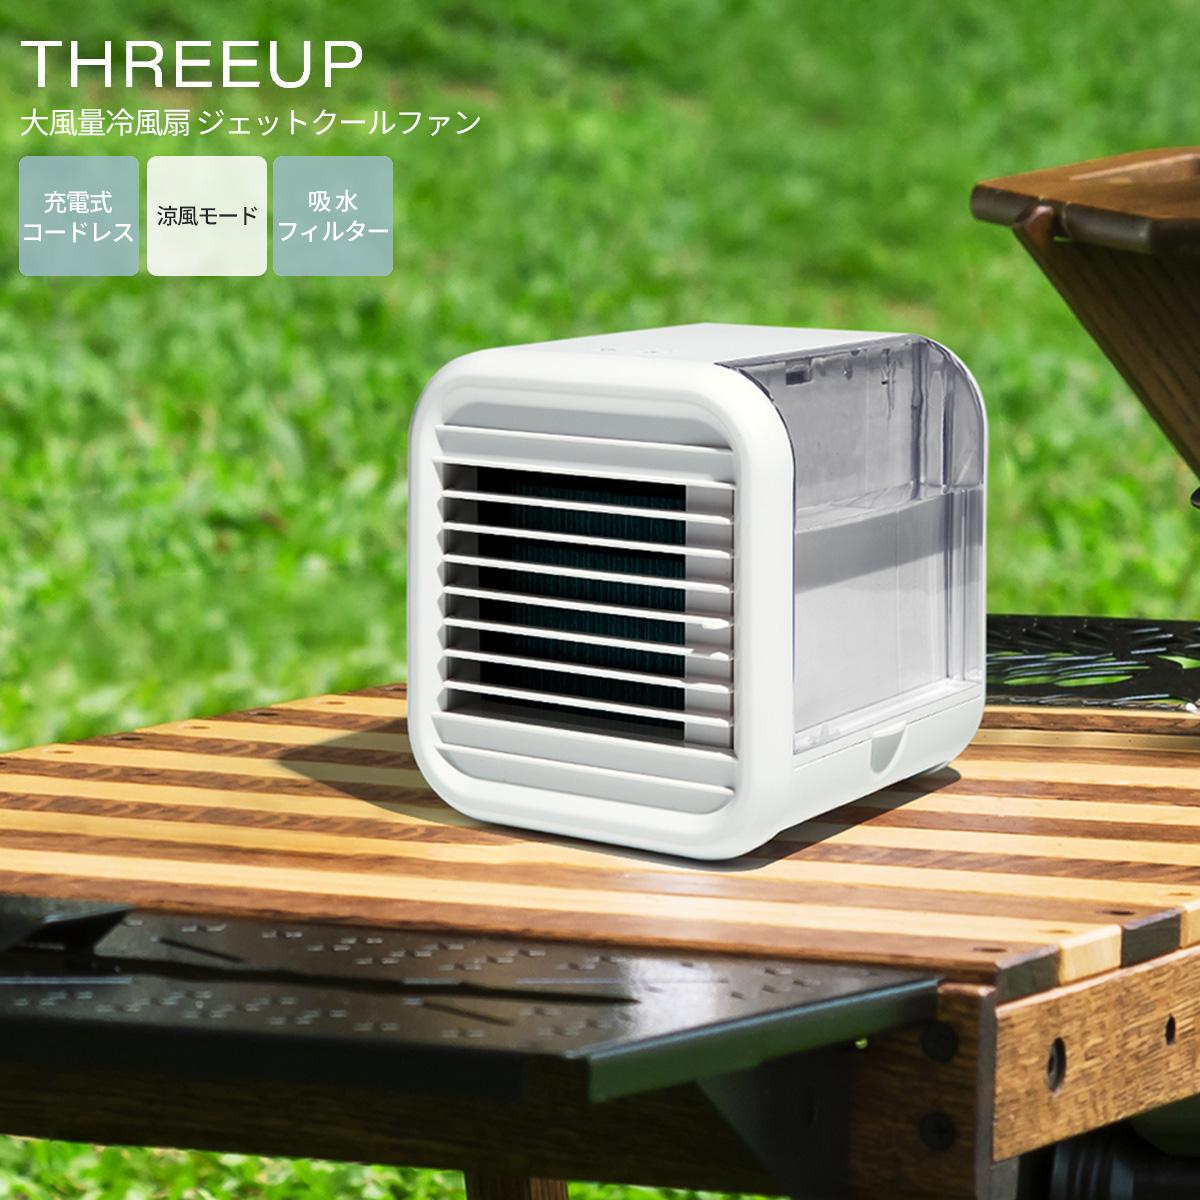 気化熱の原理を利用したパーソナルクーラー 水分を含んだしっとりとした涼風を体感 ライフスタイルに応じてどこでも使用可能 充電式 パーソナルクーラー コードレス クーラー アウトドア 野外 キャンプ ライフスタイル 車内 気化熱 空気循環 PUP01 スリーアップ 風量設定 オフィス 新品未使用正規品 THREEUP キッチン 年末年始大決算 あす楽 メーカー保証1年 脱衣所 寝室 デスク リビング